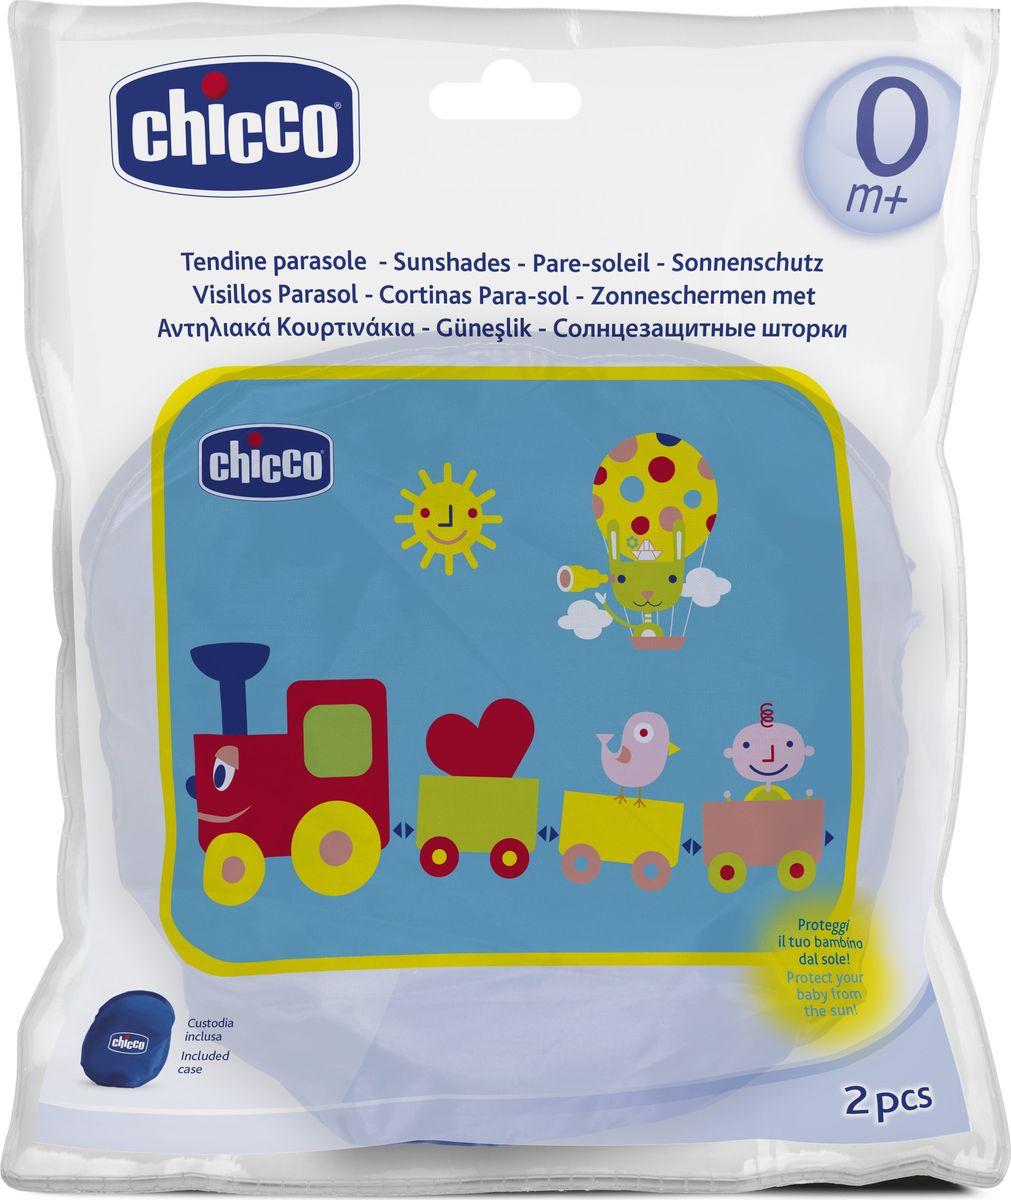 Chicco Шторки солнцезащитные для автомобиля Safe ПаровозикTEMP-05Солнцезащитные шторки Chicco для автомобиля помогут сделать путешествие комфортным для вашего малыша. Шторки имеют привлекательный дизайн, крепятся на присоски, сделаны из прочных нетканых материалов и имеют долговечный каркас из стальной проволоки. Шторки можно мыть. В комплекте: 2 штуки и сумка в подарок.